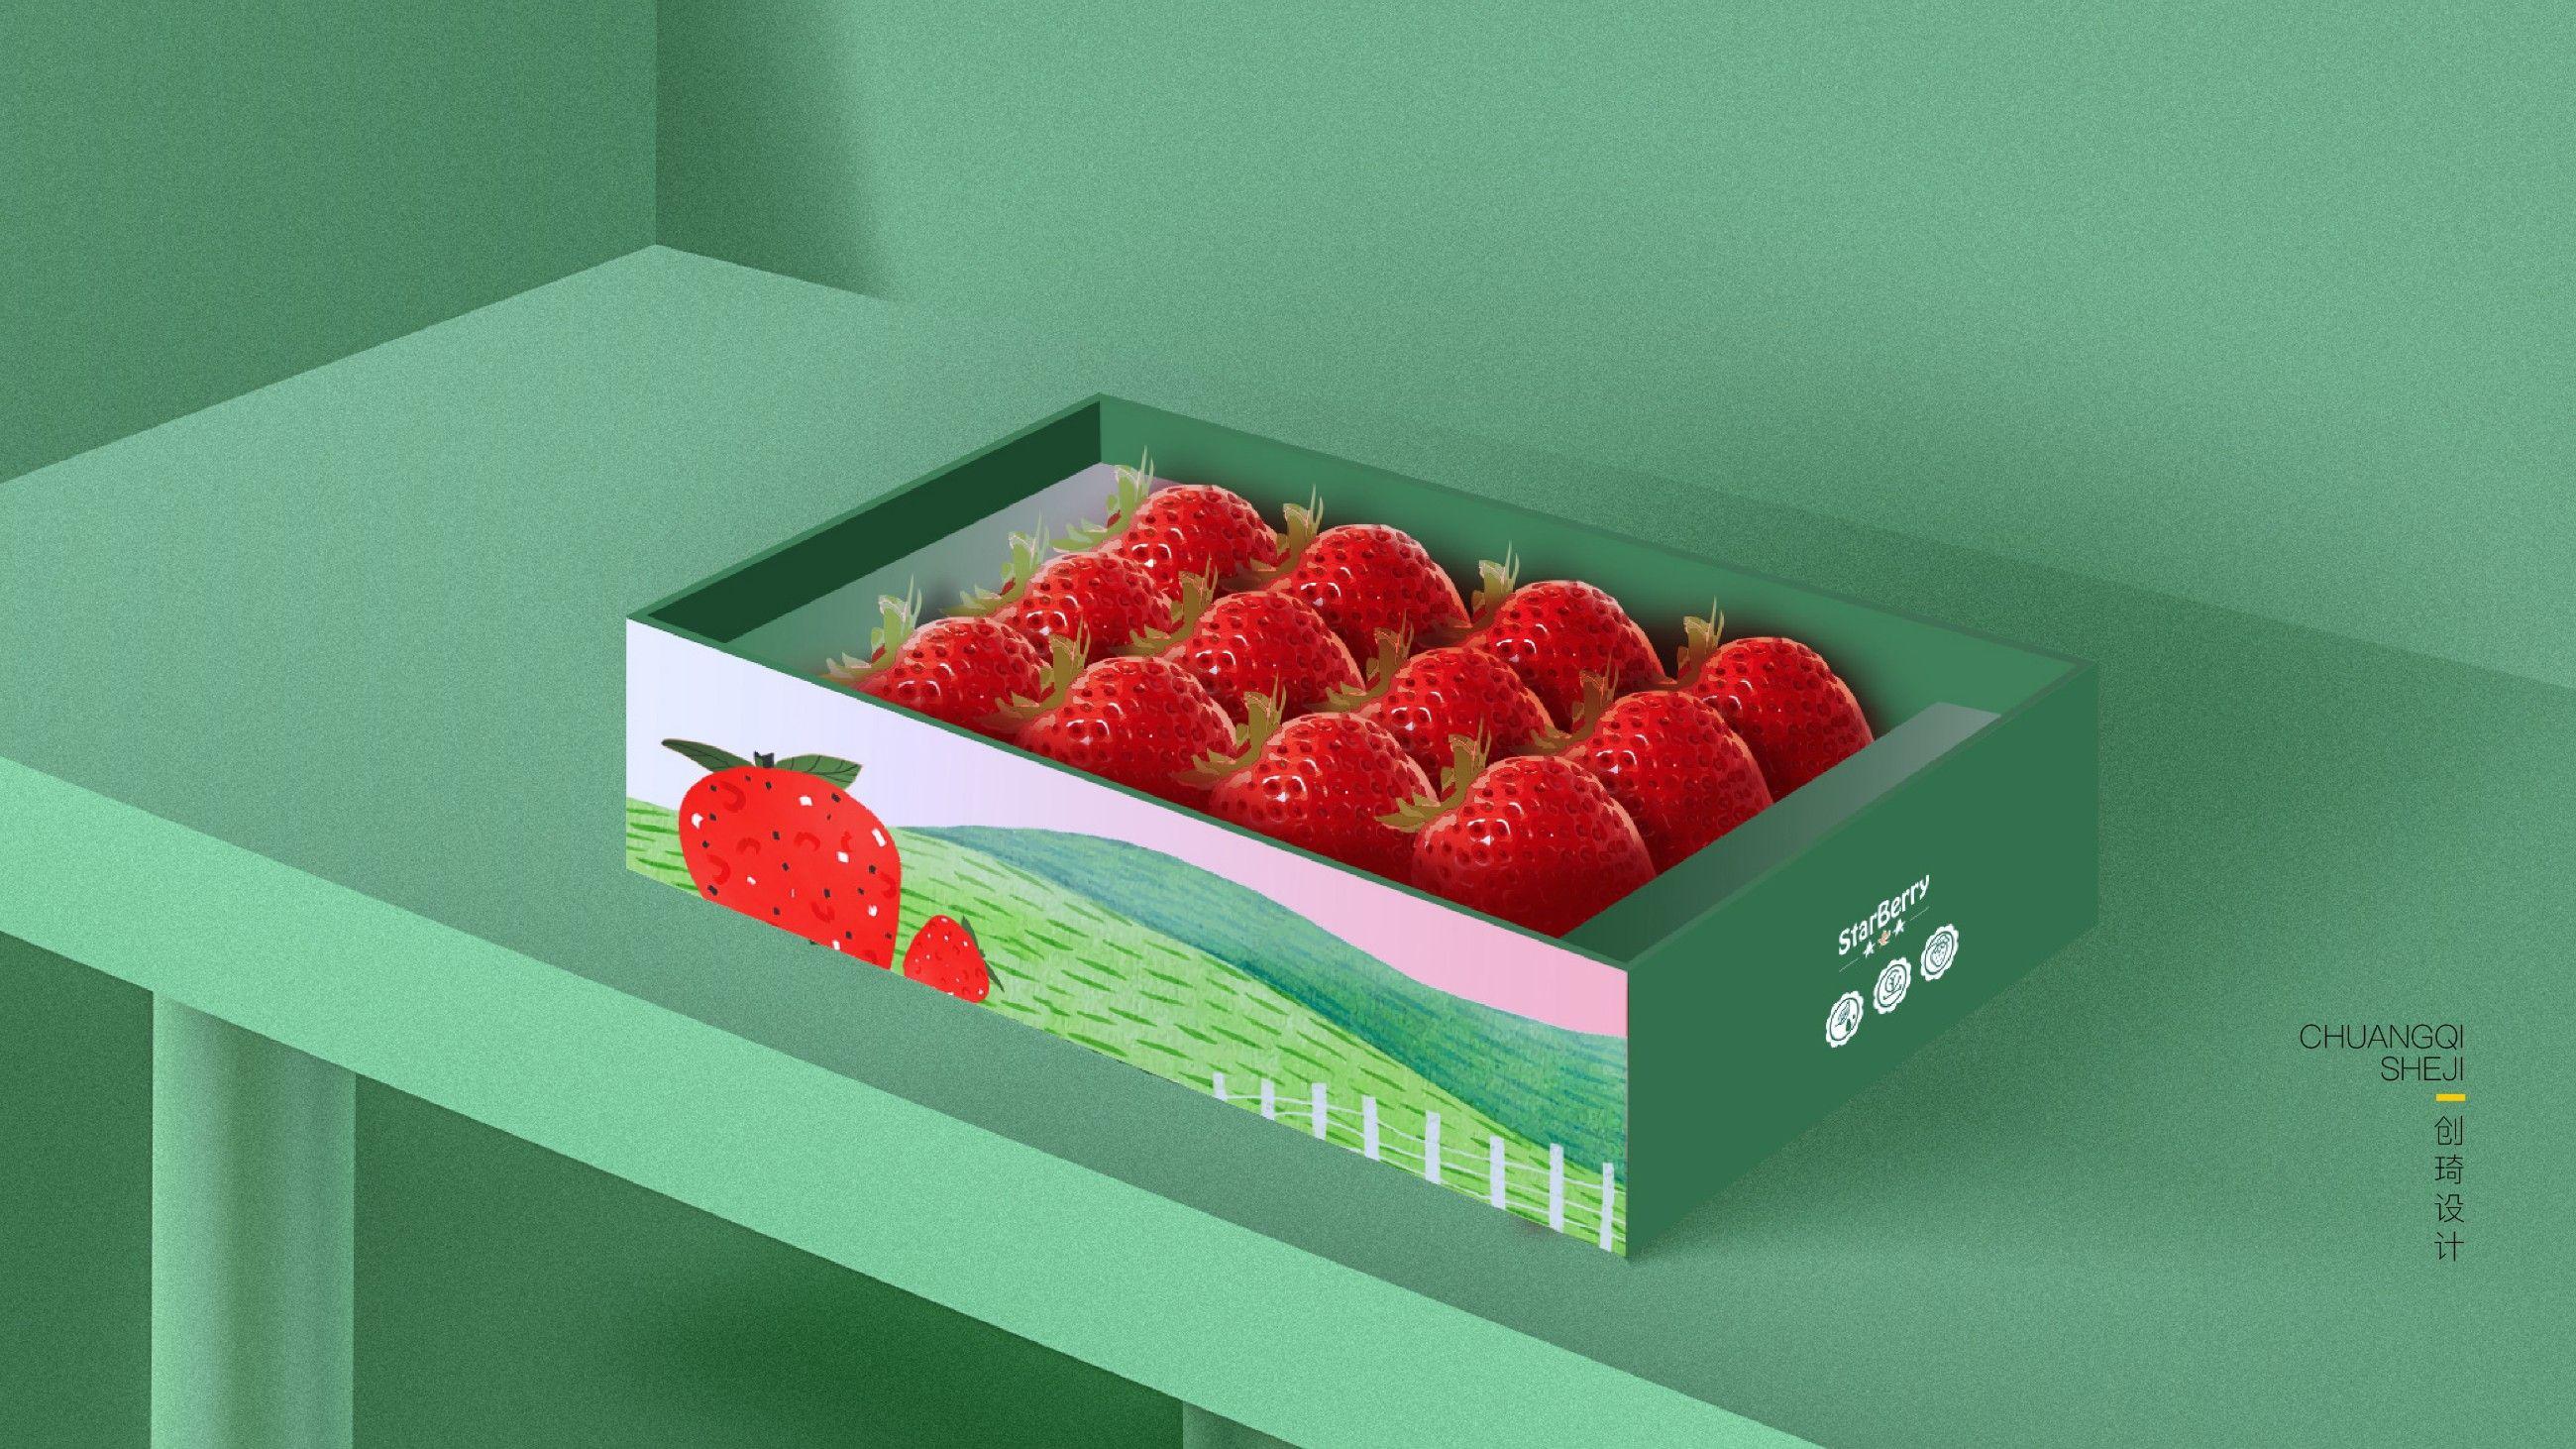 食品包装设计 飞特网 食品包装设计